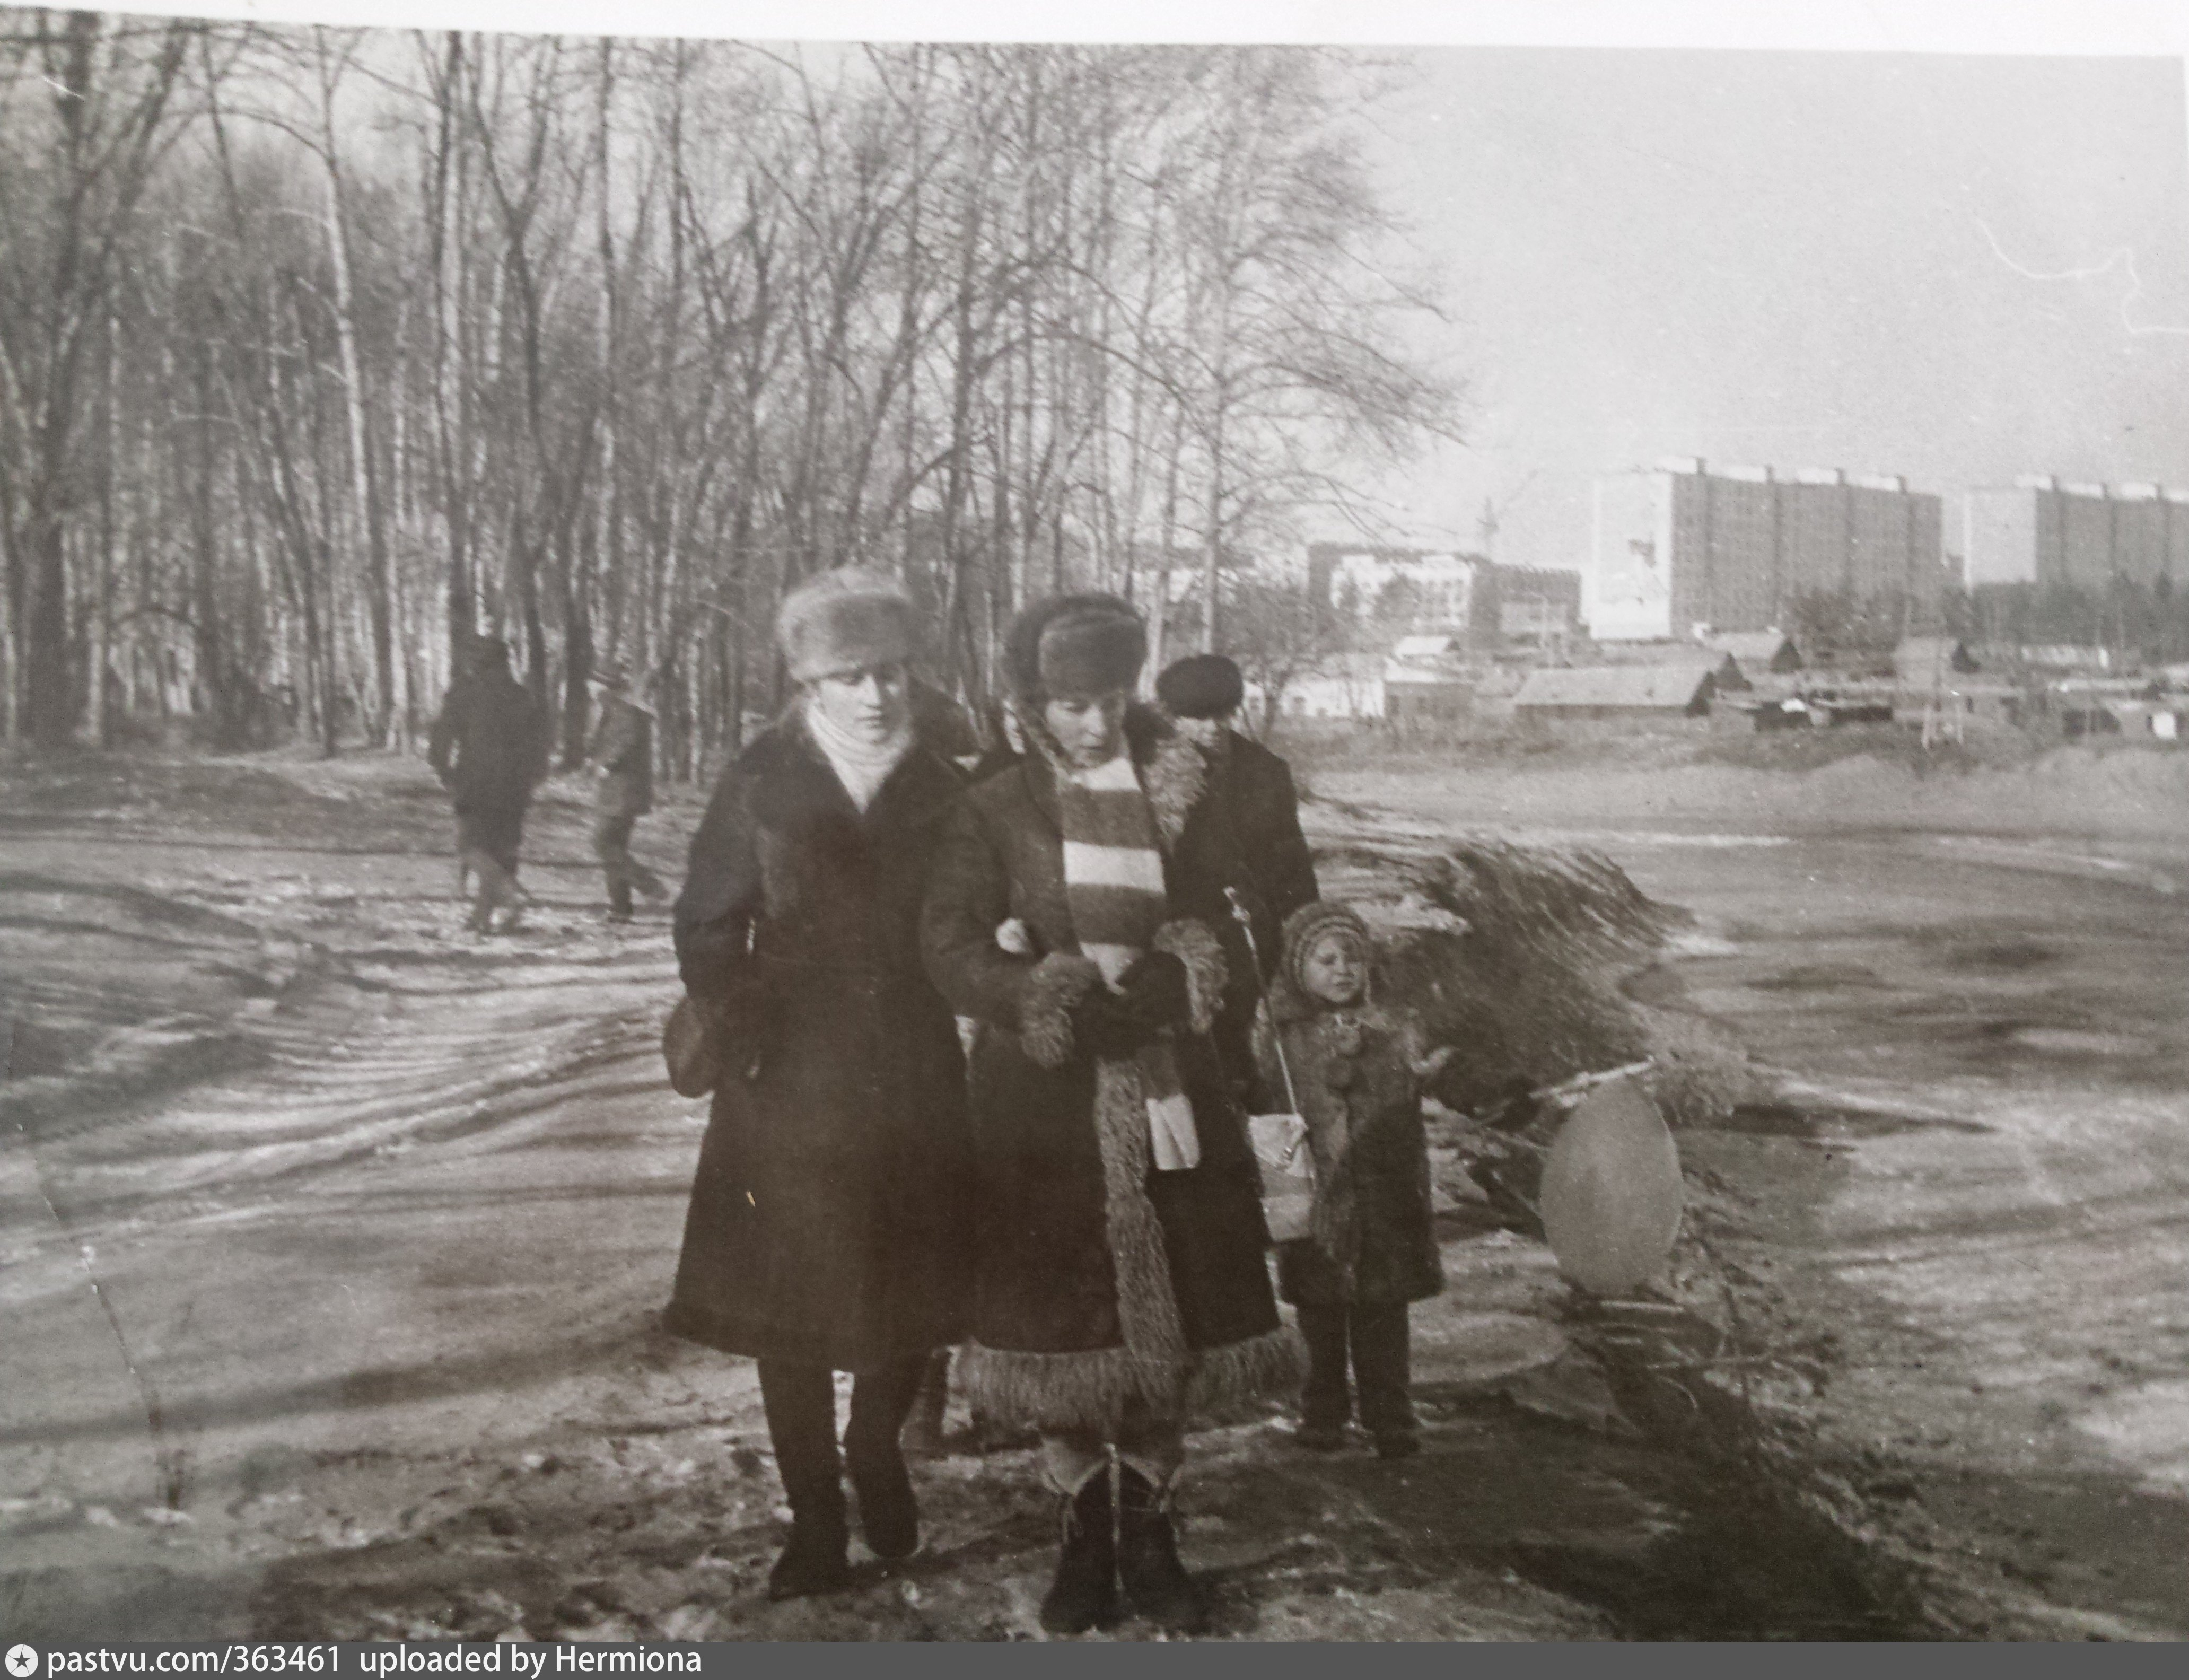 тында амурской области старые фото этот